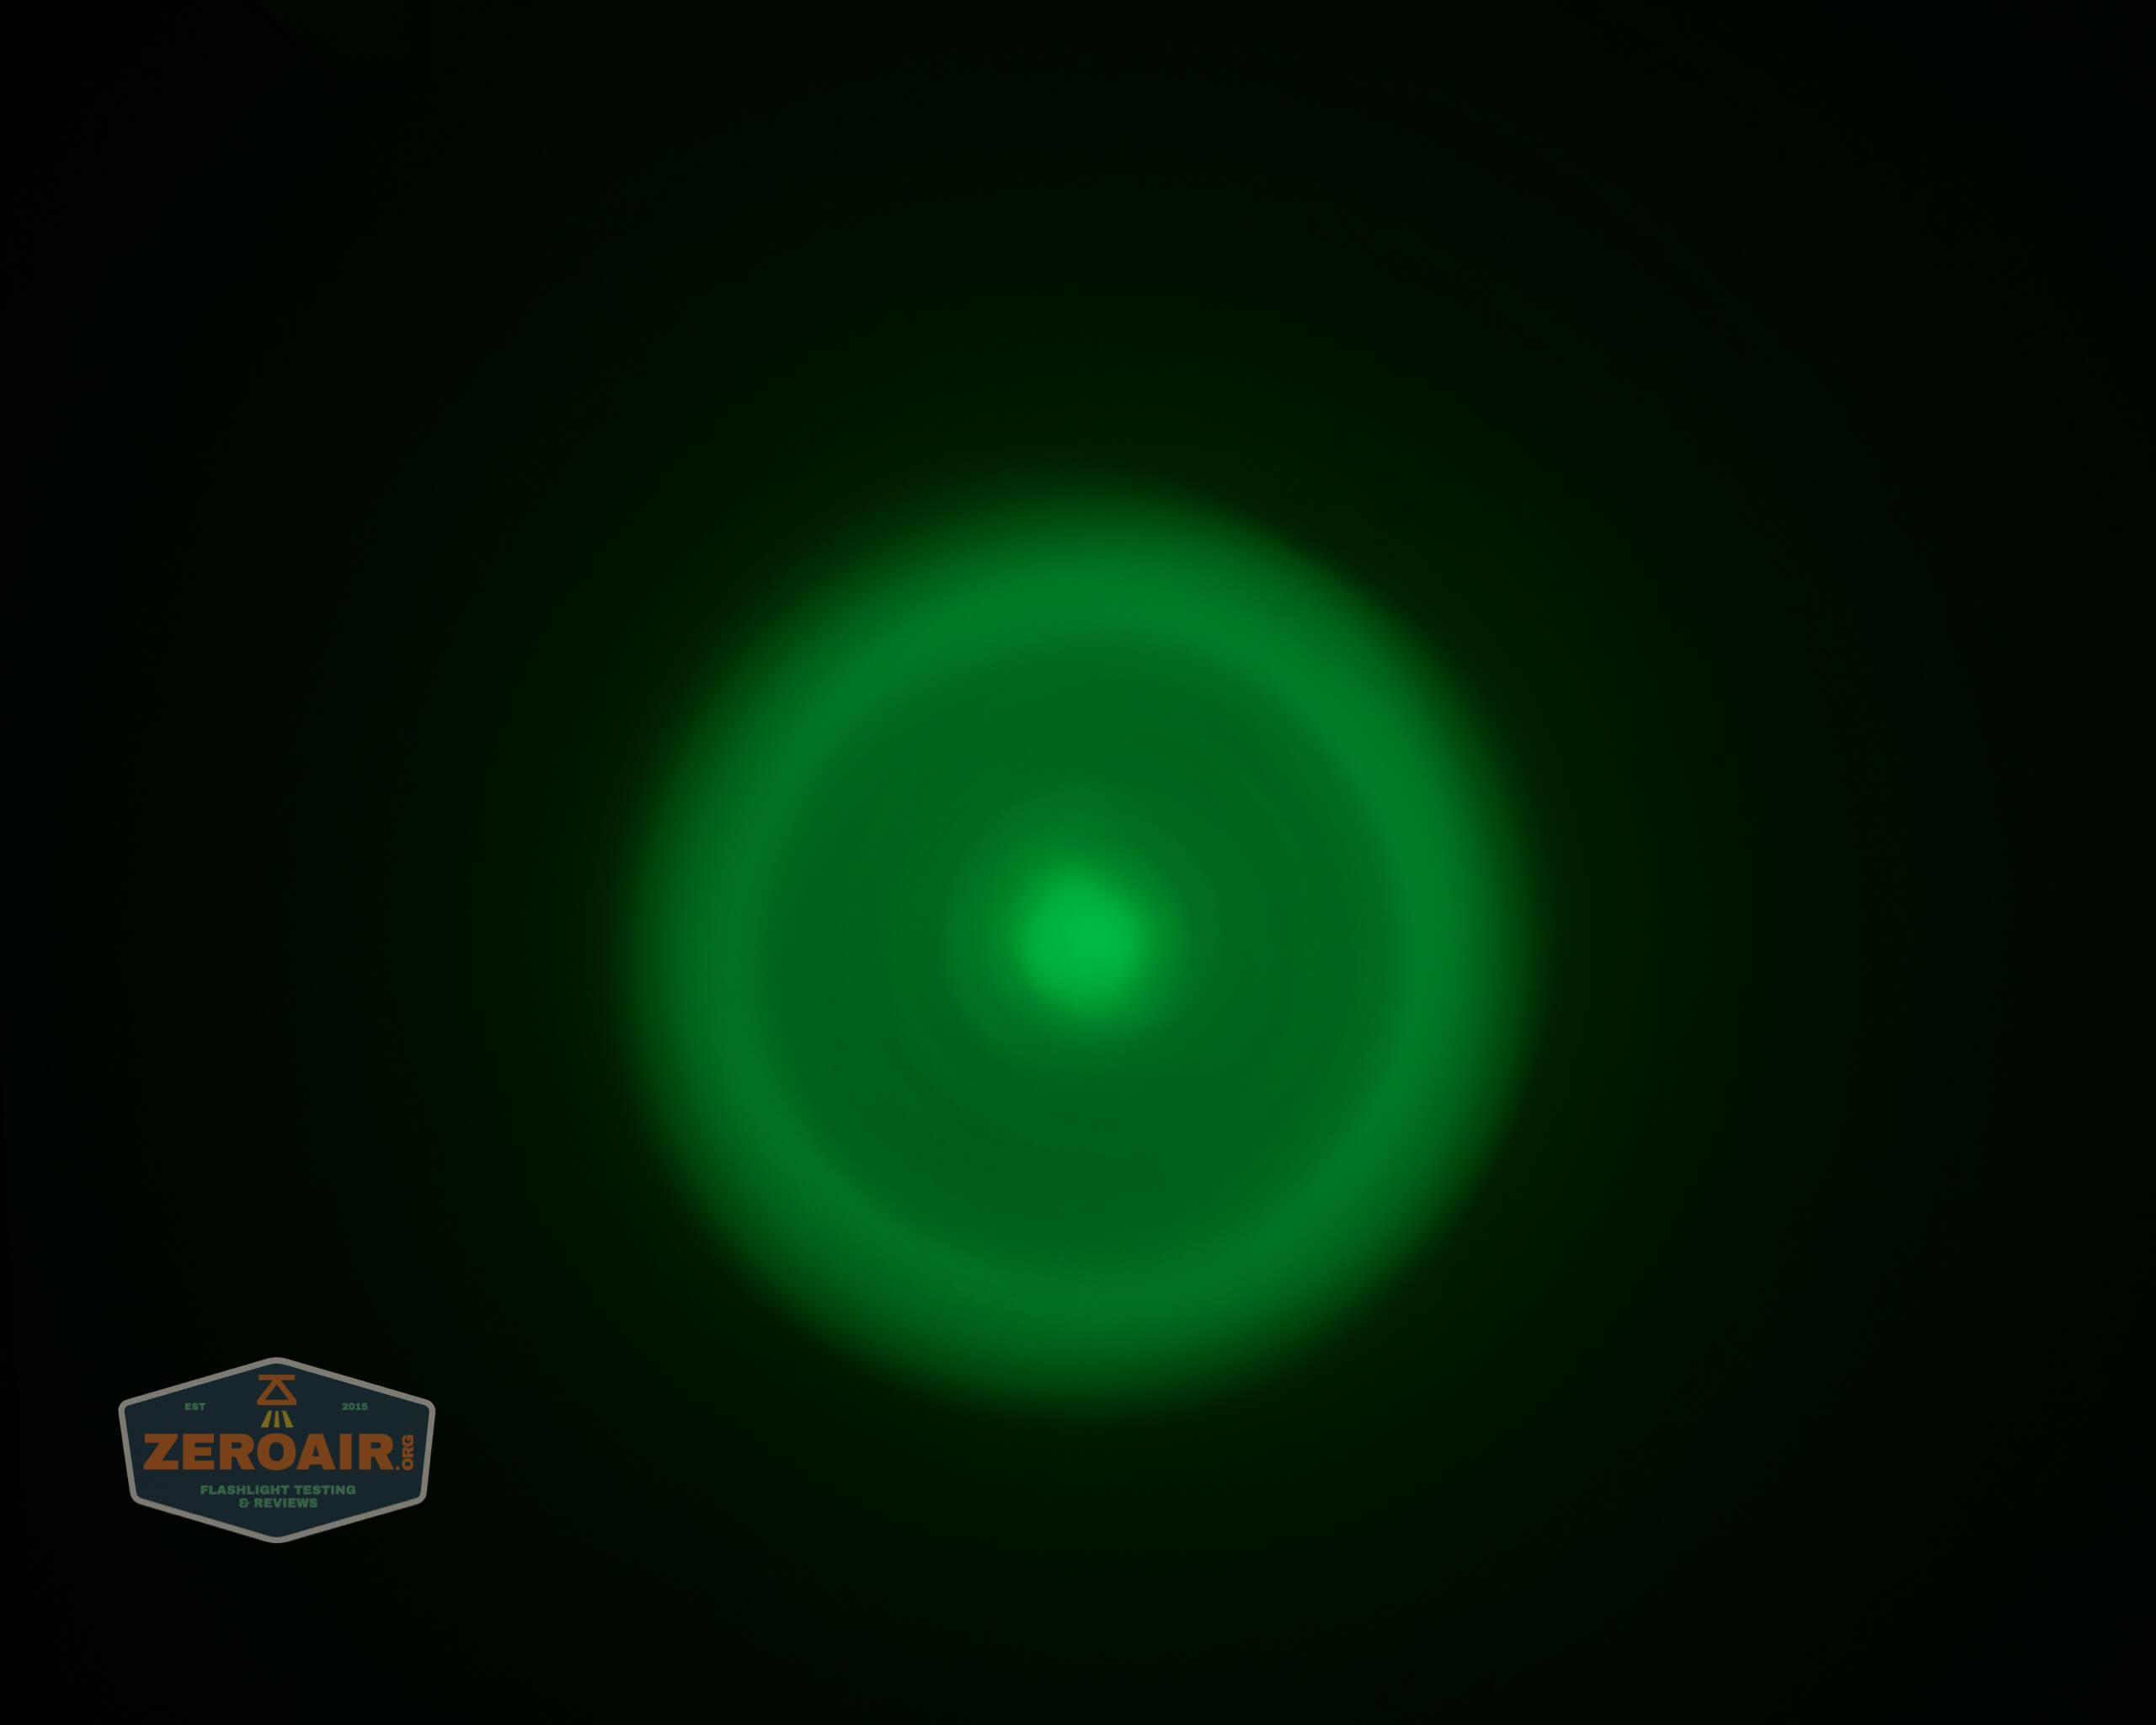 Brinyte T28 Artemis Zoomy beamshot ceiling green 3